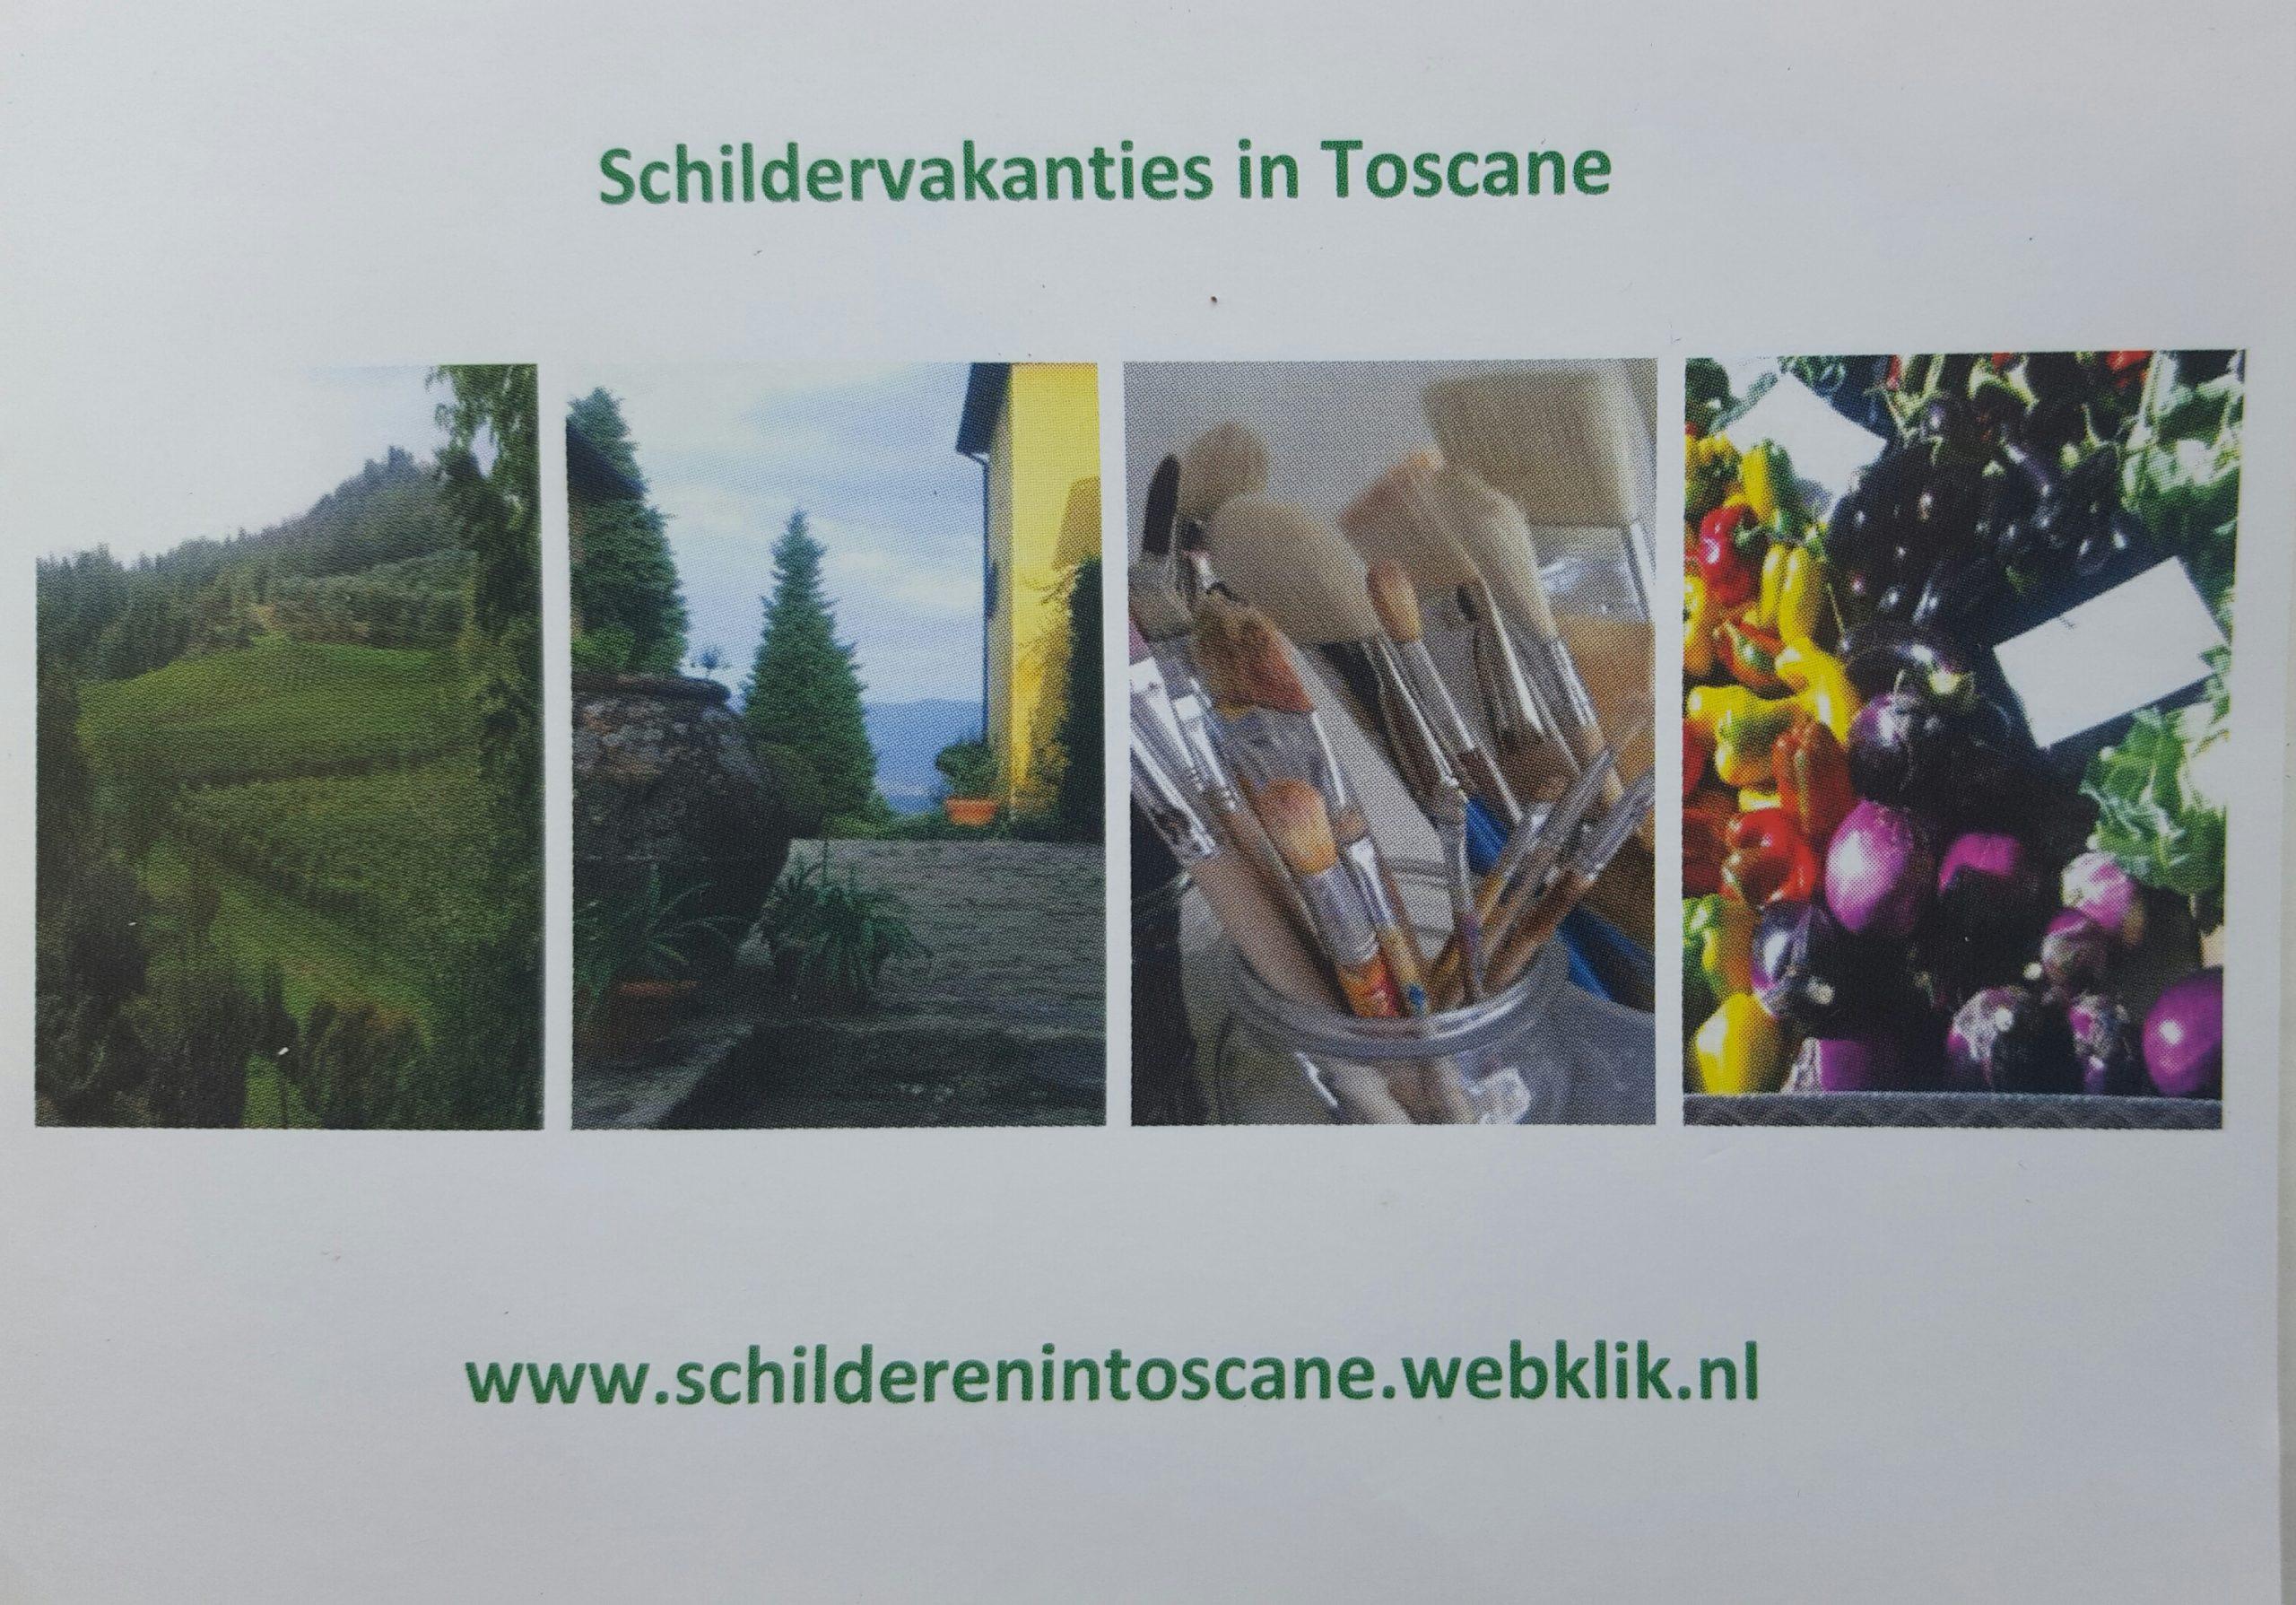 Schildervakantie in Toscane